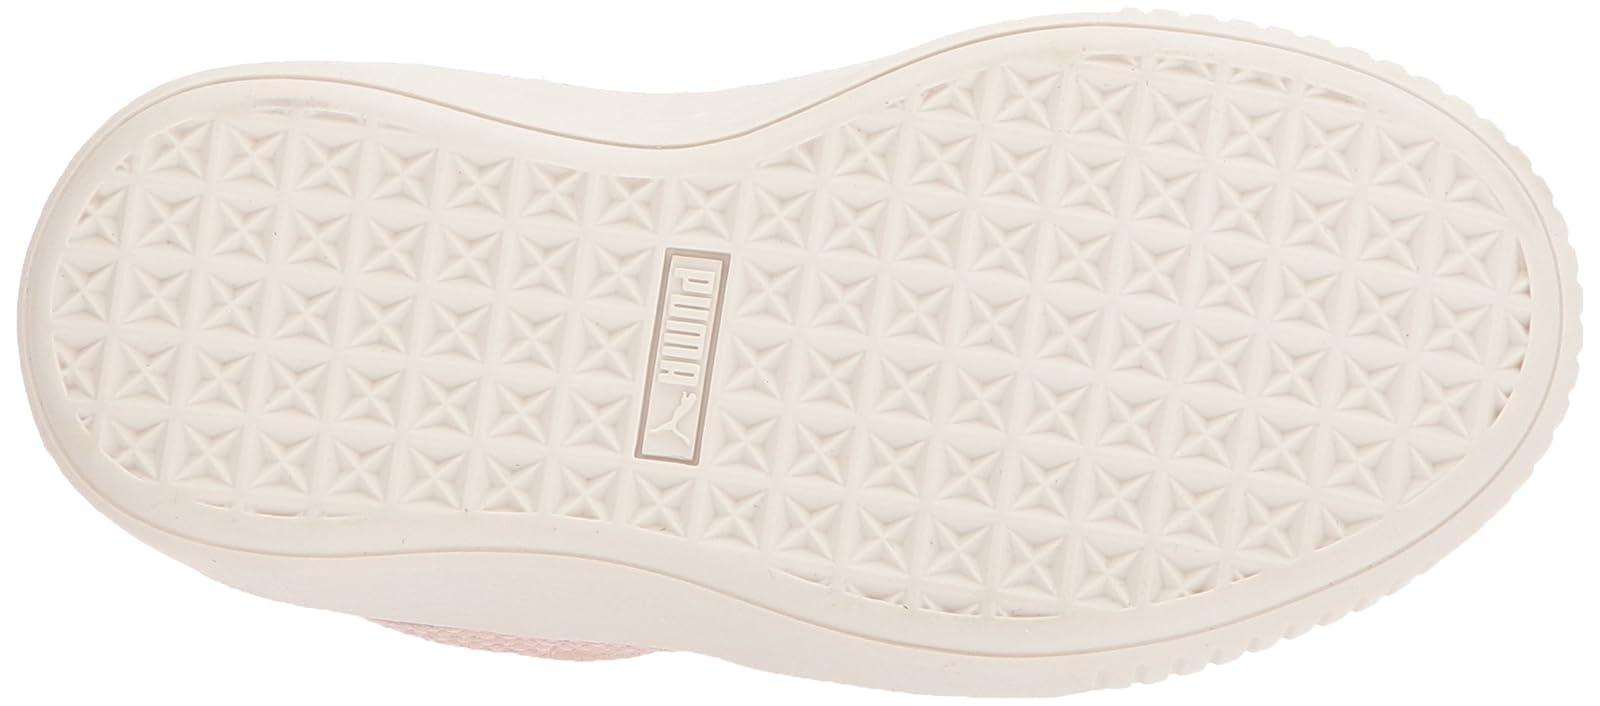 PUMA Kids' Suede Platform Glam Sneaker Pink 36492207 - 3